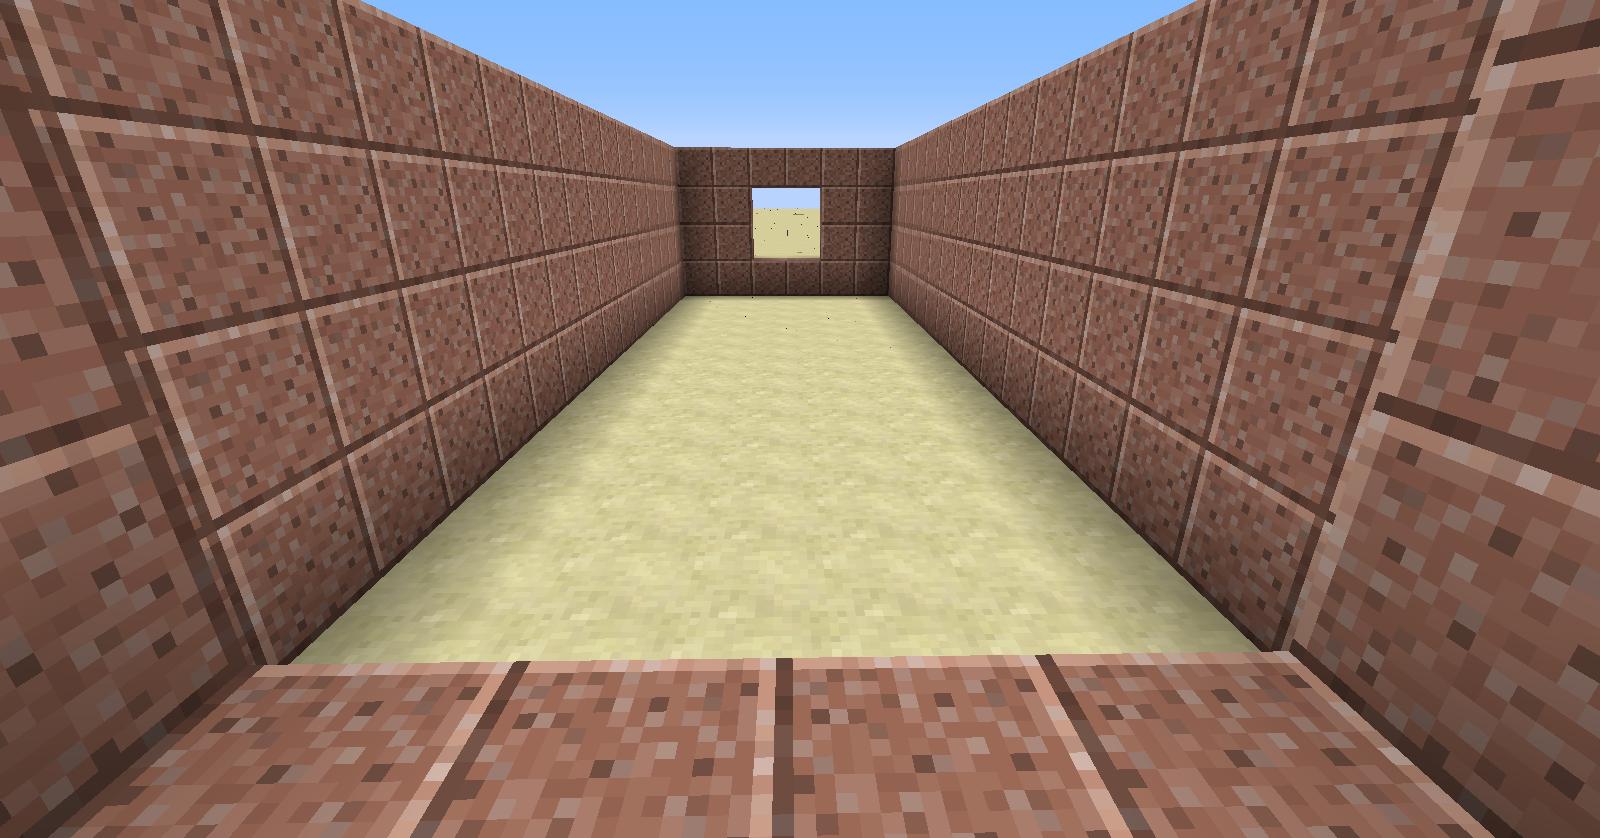 Minecraft comment faire un labyrinthe invisible - Comment on fait une table d enchantement dans minecraft ...